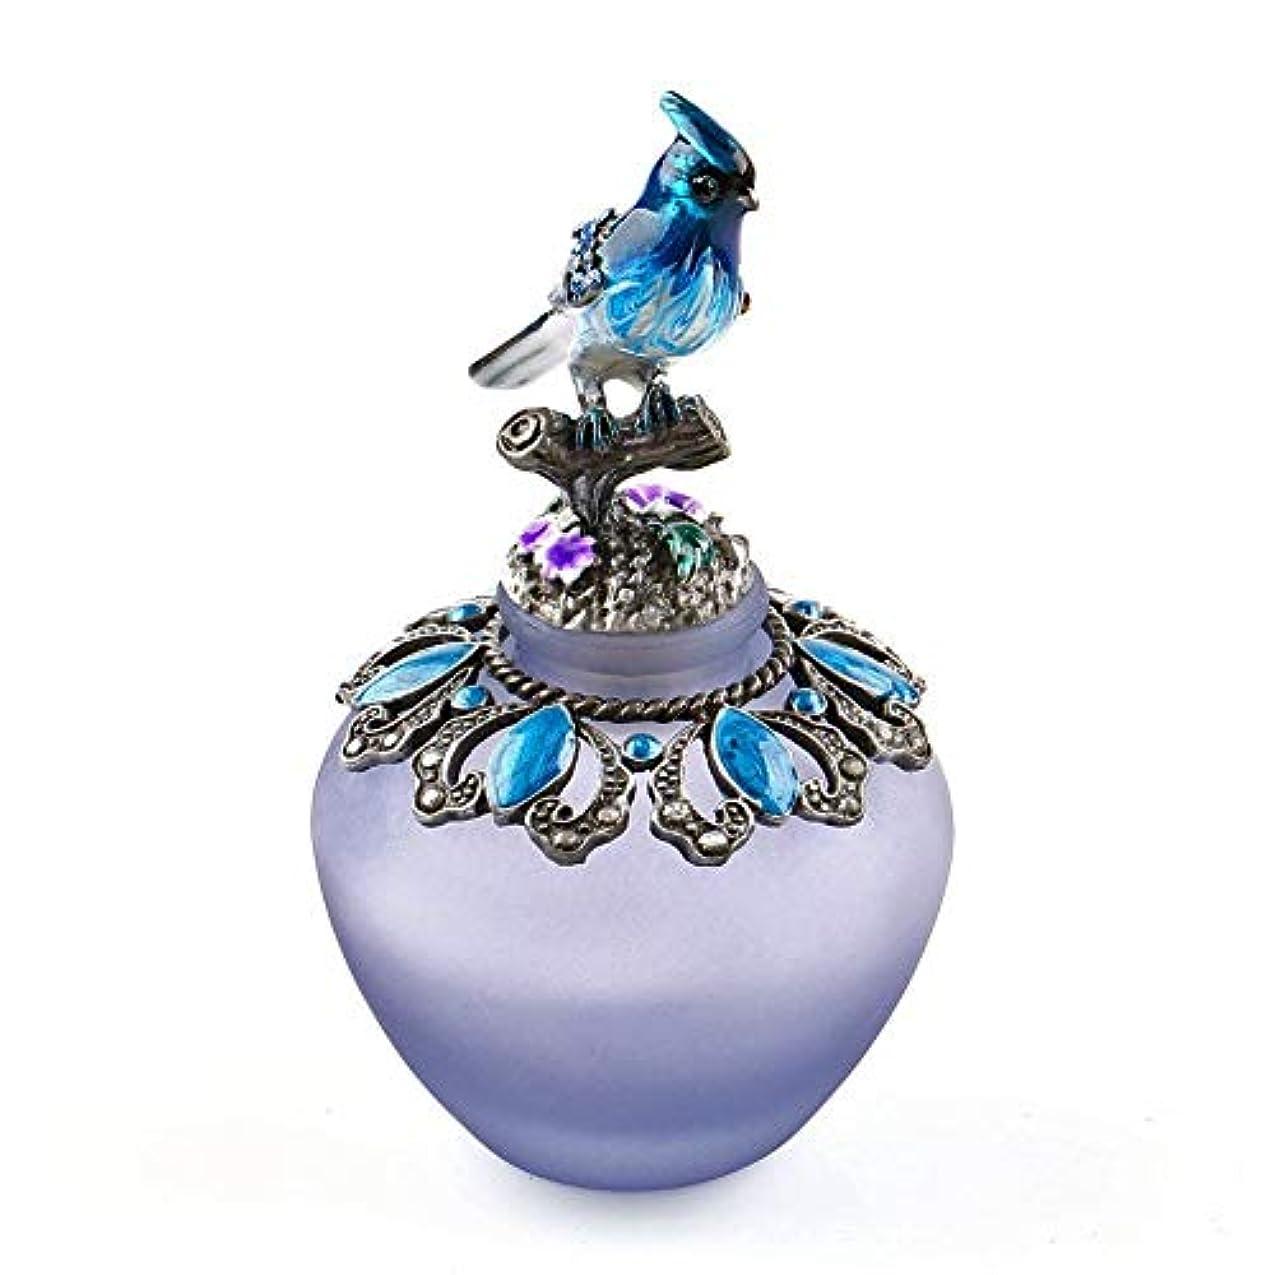 緩む刺繍溶かすEasyRaku 高品質 美しい香水瓶 鳥40ML ガラスアロマボトル 綺麗アンティーク調欧風デザイン クリスマスプレゼント 結婚式 飾り